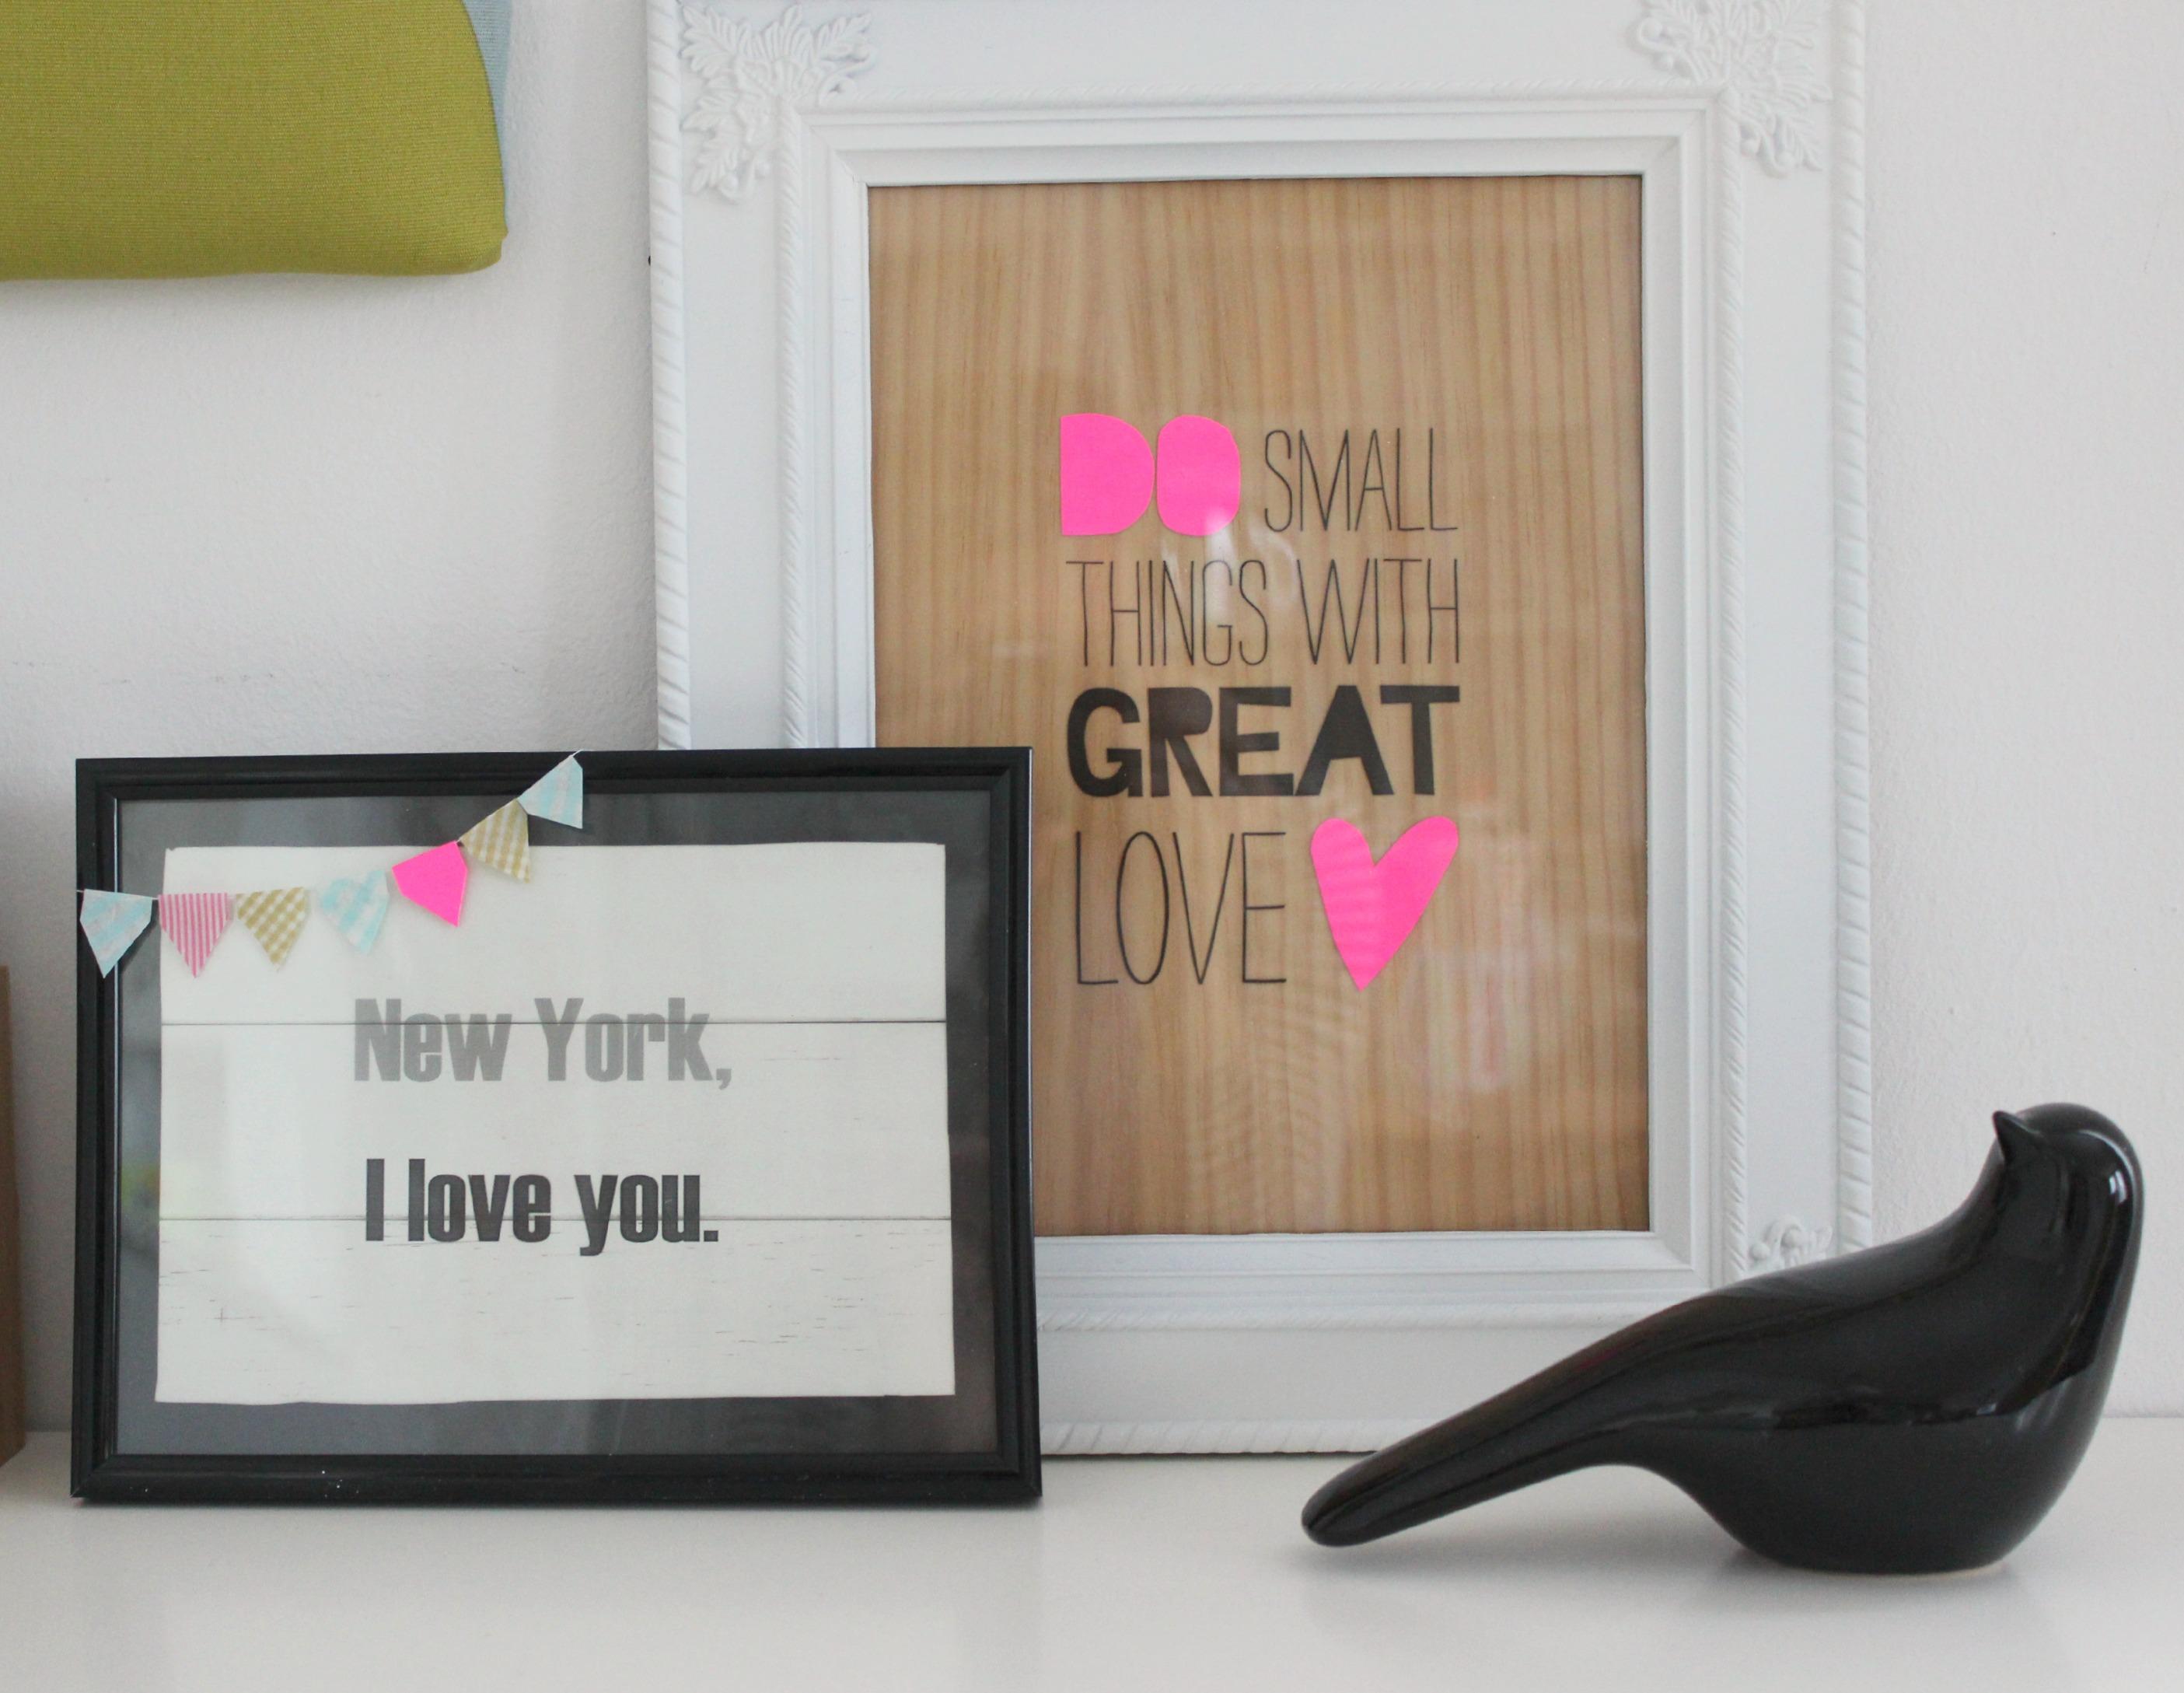 Atemberaubend Hot Pink Glasrahmen Bilder - Benutzerdefinierte ...